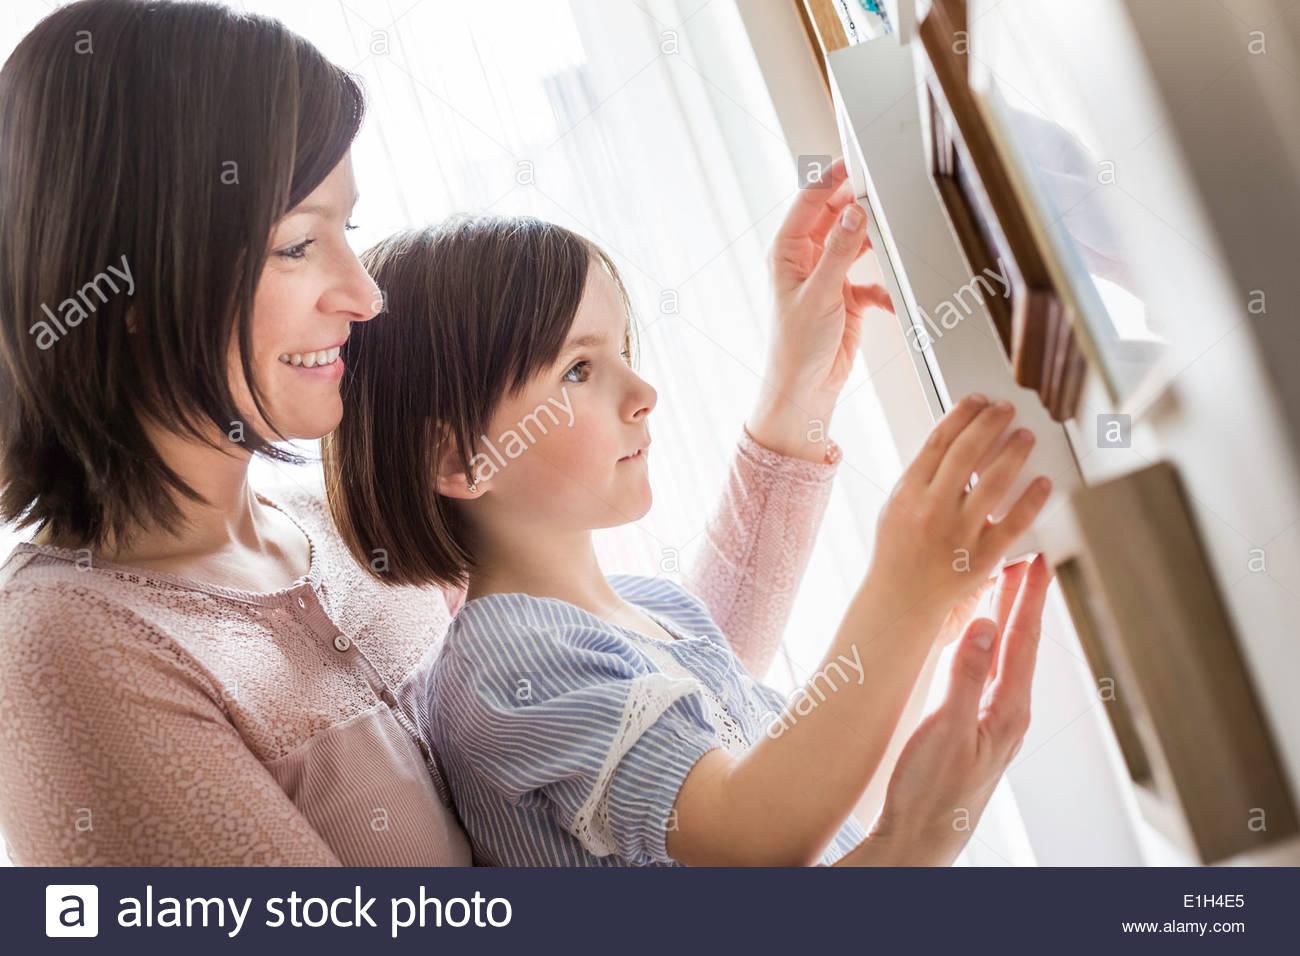 Mutter und Tochter Bild einstellen Stockbild